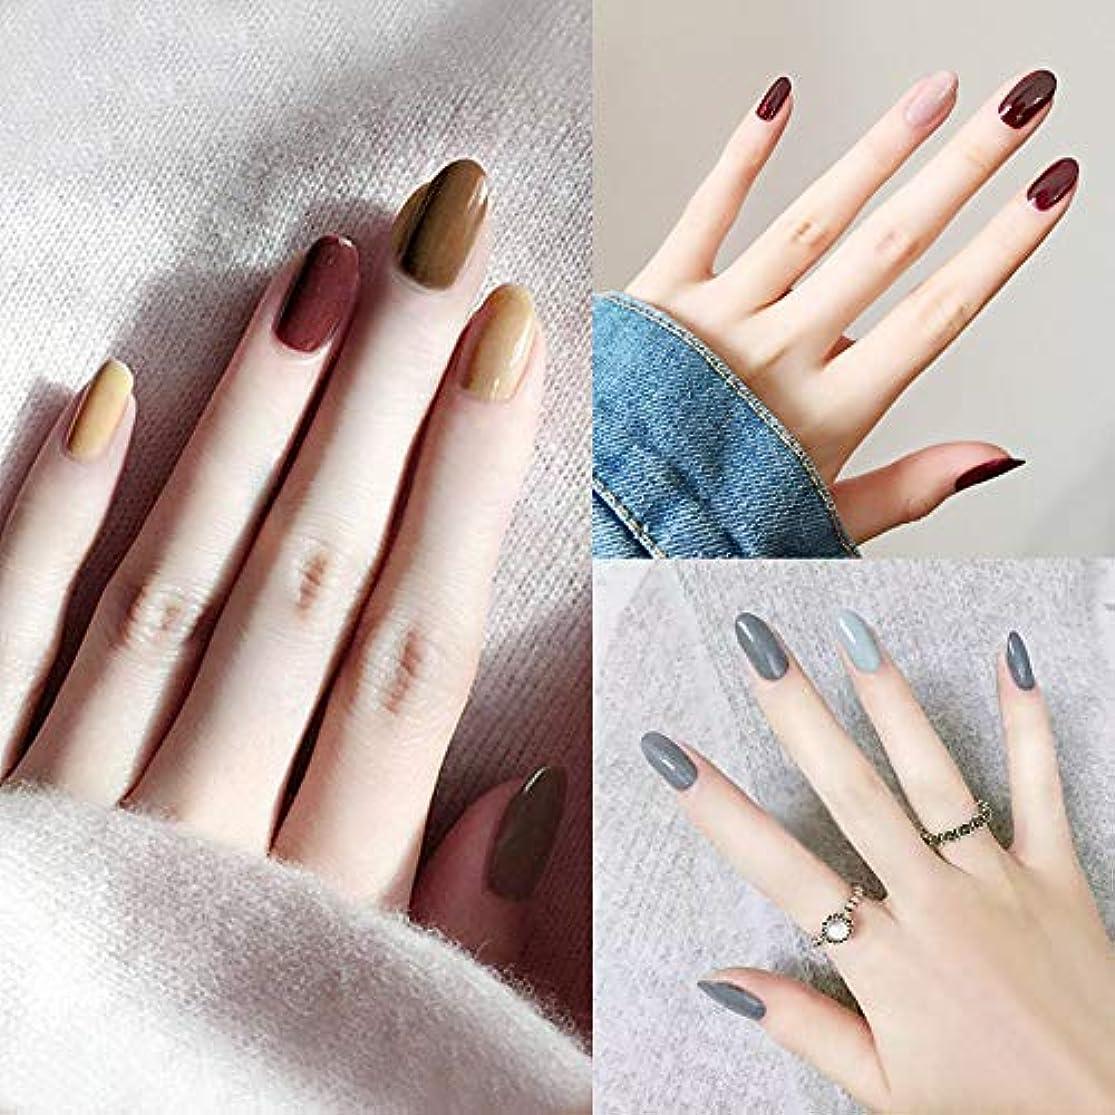 センサー最愛の推測するファッションレッドクリームインクハリスタイル偽爪純粋な色偽爪24ピースフルブライダルネイルのヒント滑らかな指装飾のヒント接着剤付き人工爪